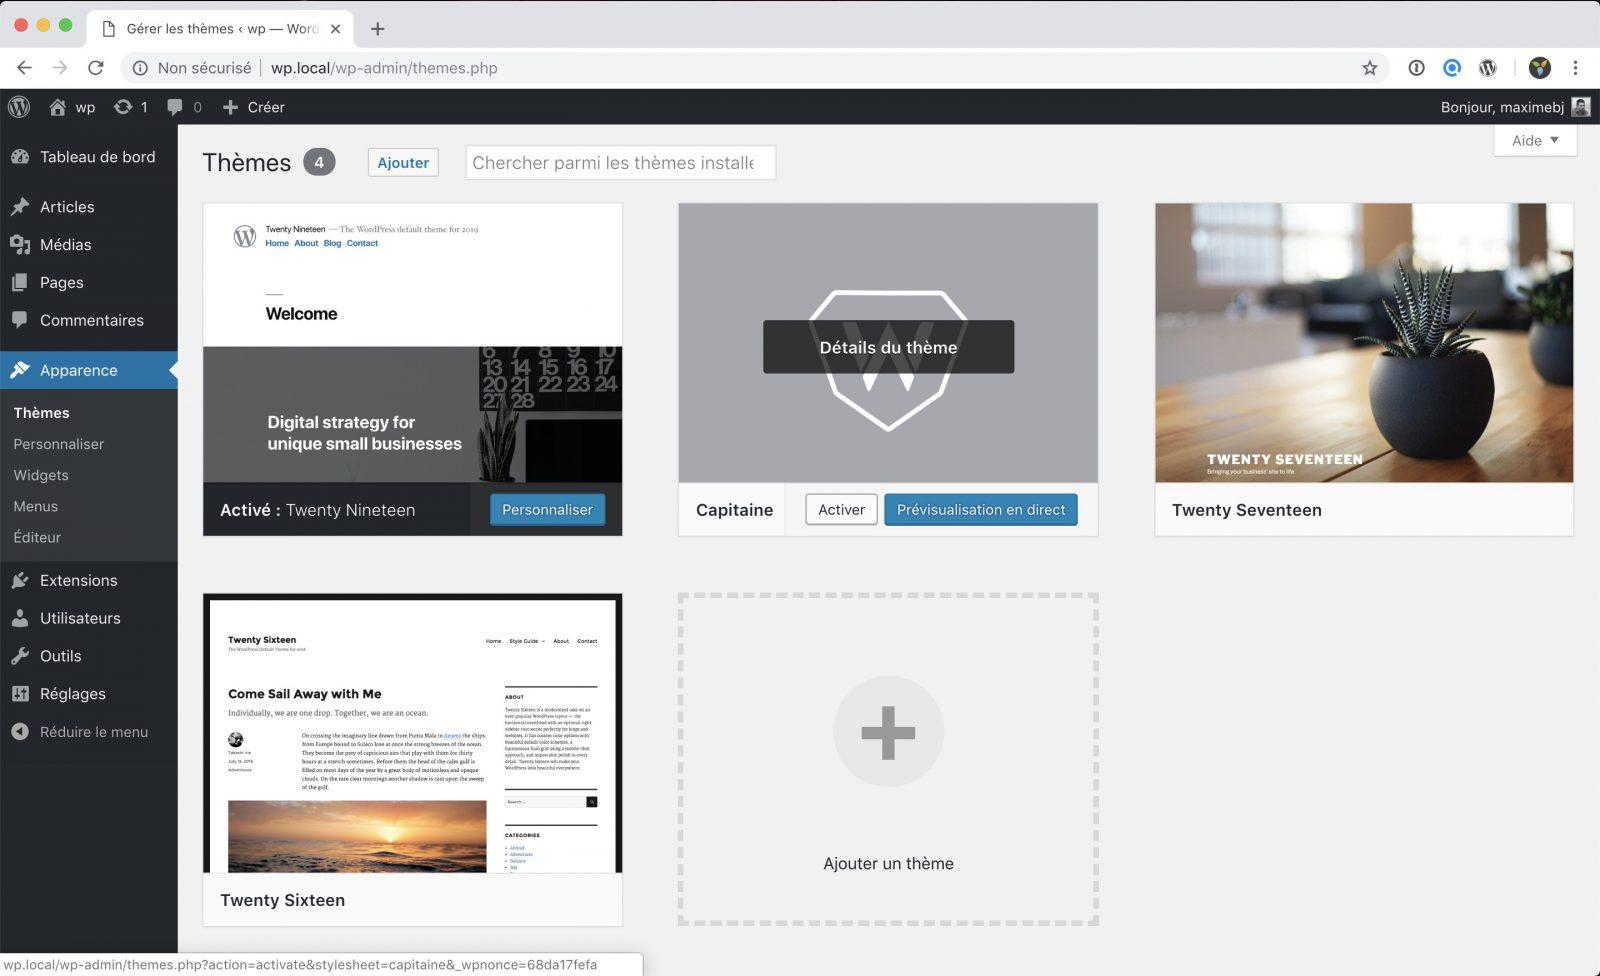 Notre thème apparait dans l'interface d'administration de WordPress